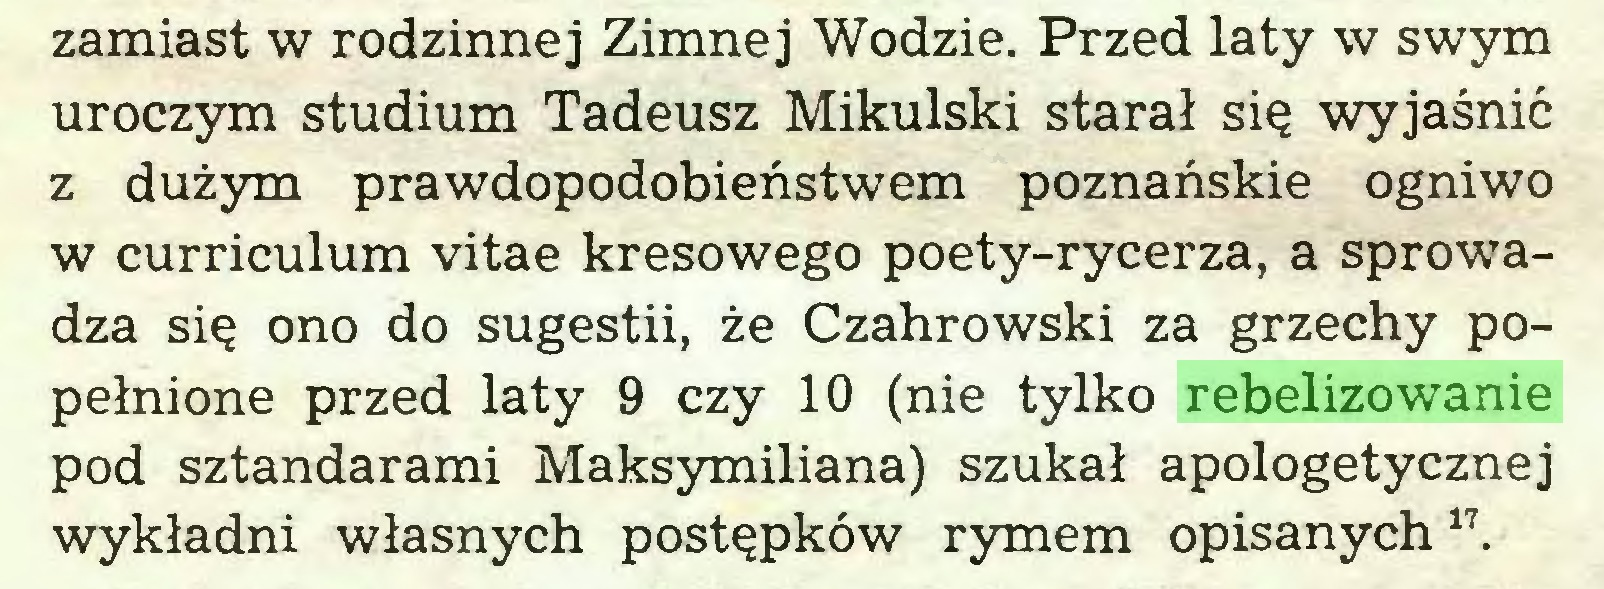 (...) zamiast w rodzinnej Zimnej Wodzie. Przed laty w swym uroczym studium Tadeusz Mikulski starał się wyjaśnić z dużym prawdopodobieństwem poznańskie ogniwo w curriculum vitae kresowego poety-rycerza, a sprowadza się ono do sugestii, że Czahrowski za grzechy popełnione przed laty 9 czy 10 (nie tylko rebelizowanie pod sztandarami Maksymiliana) szukał apologetycznej wykładni własnych postępków rymem opisanych17...